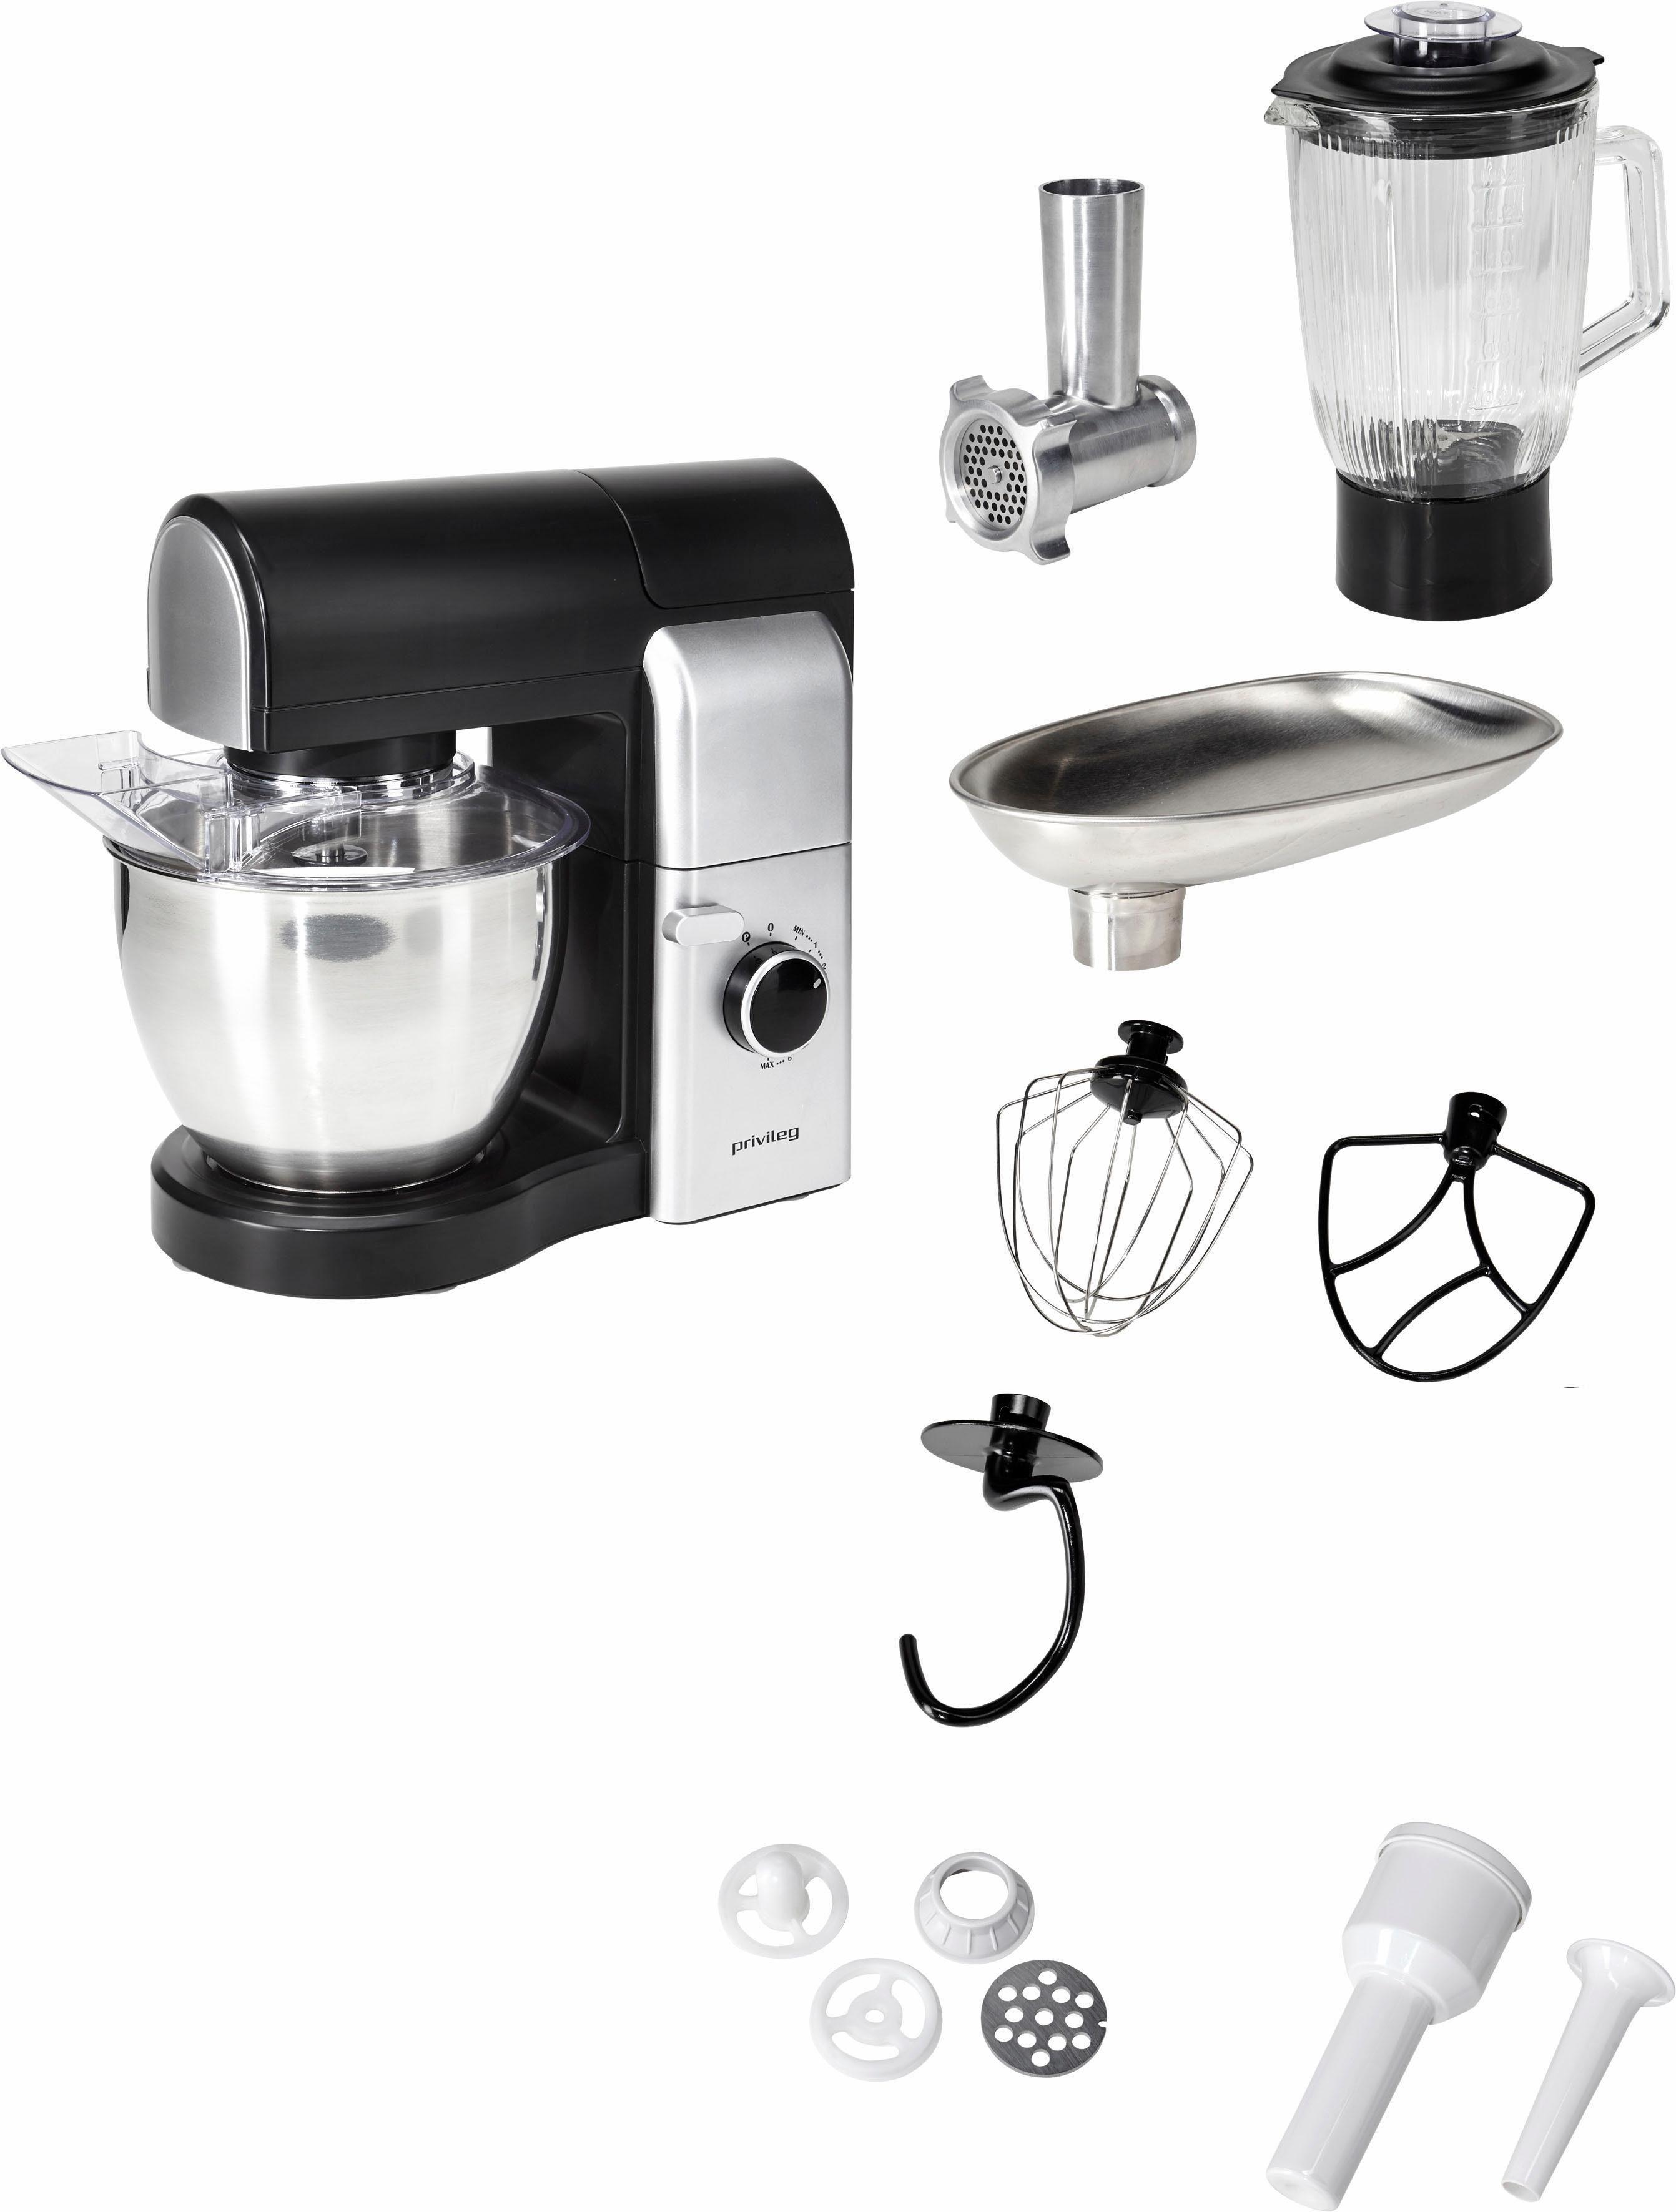 Privileg Küchenmaschine, 4,5 Liter, 700 Watt, schwarz/silber, mit viel Zubehör